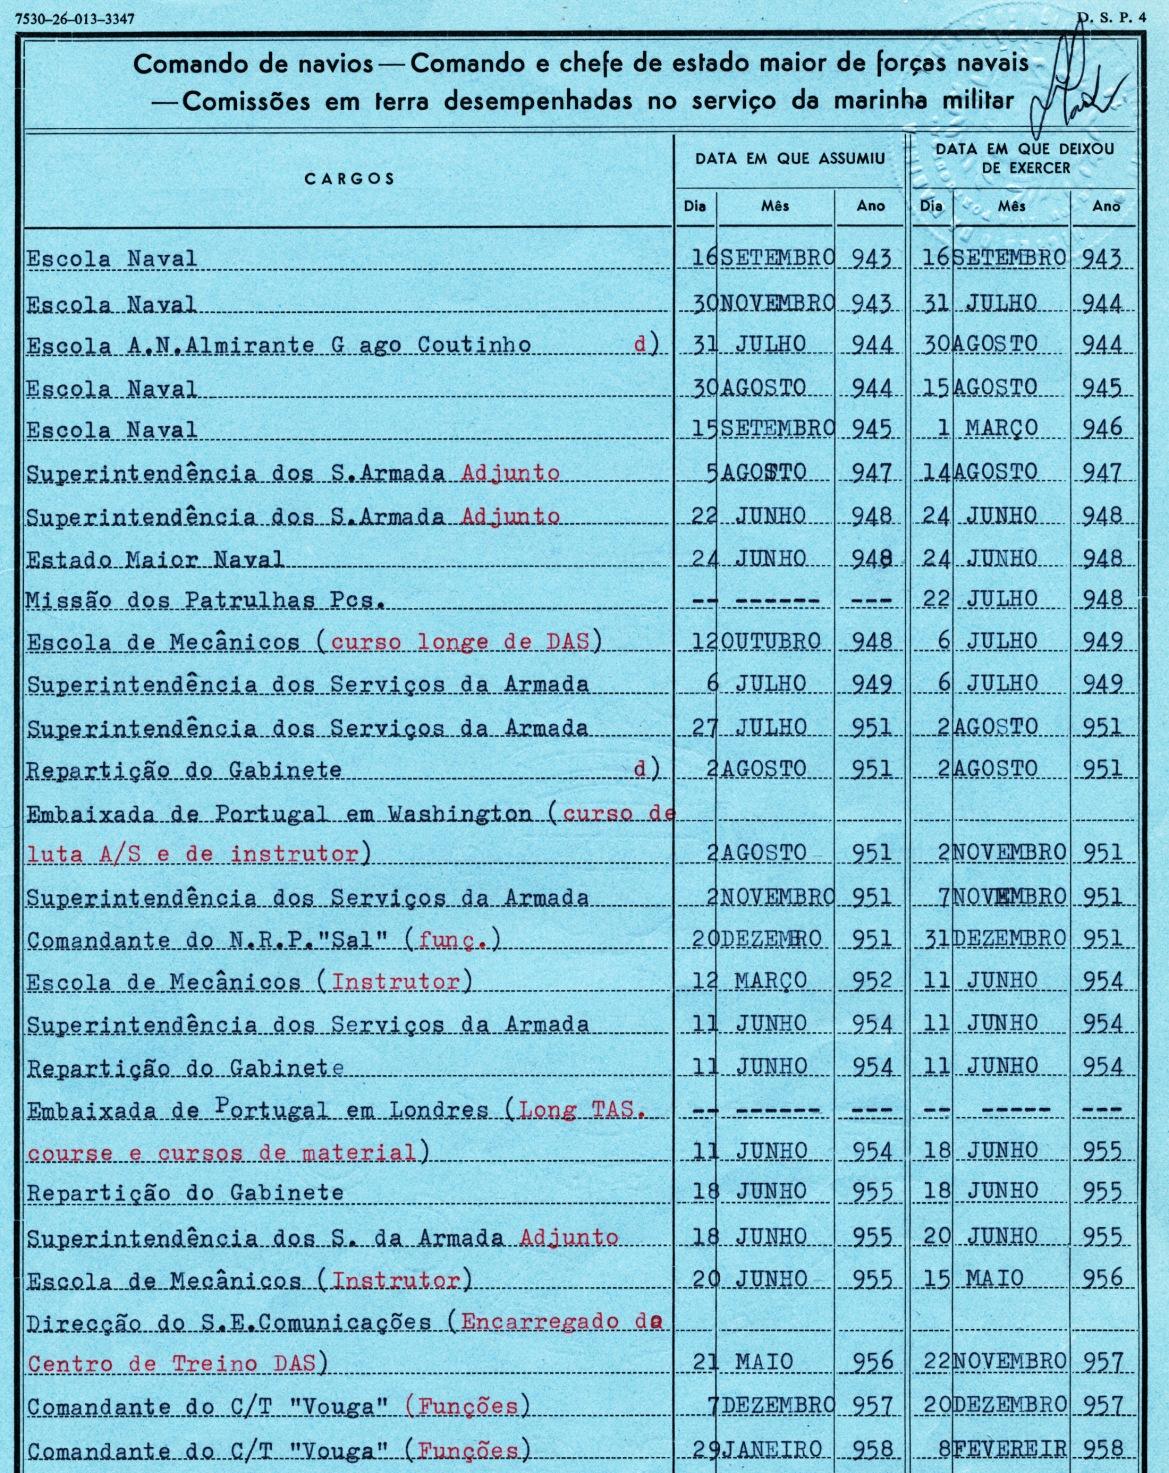 00360 957-12-07 Em funções de Comandante do CT Vouga 7 a 20-12-57 e de 29-1 até 8-2-1958